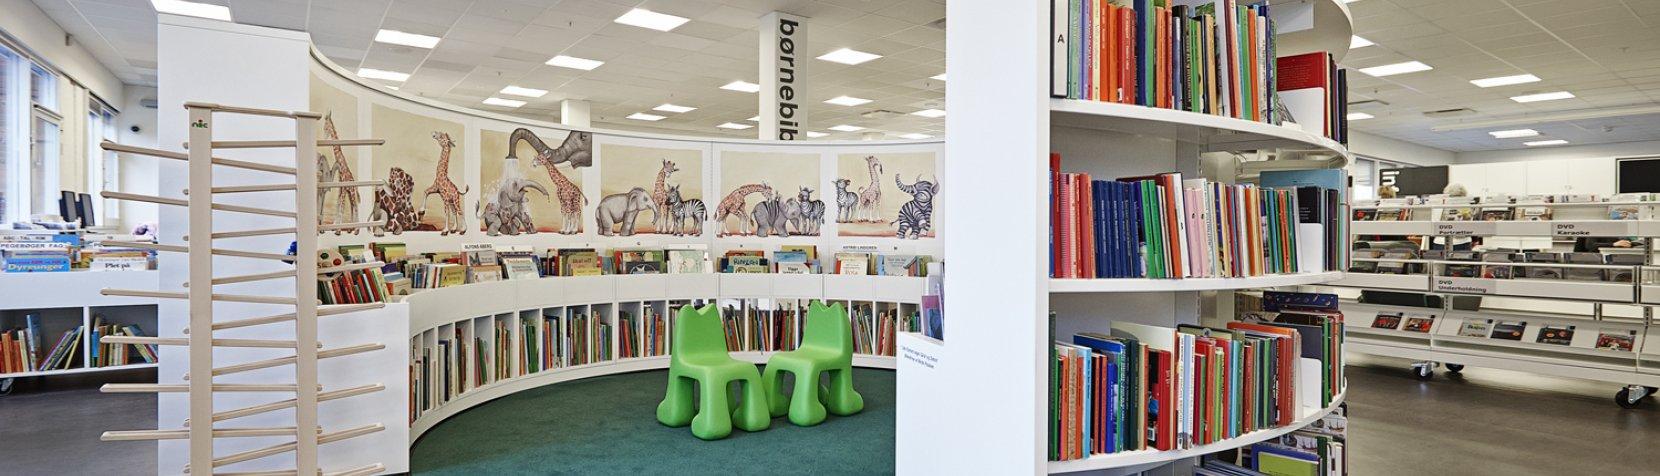 Holte bibliotek for børn